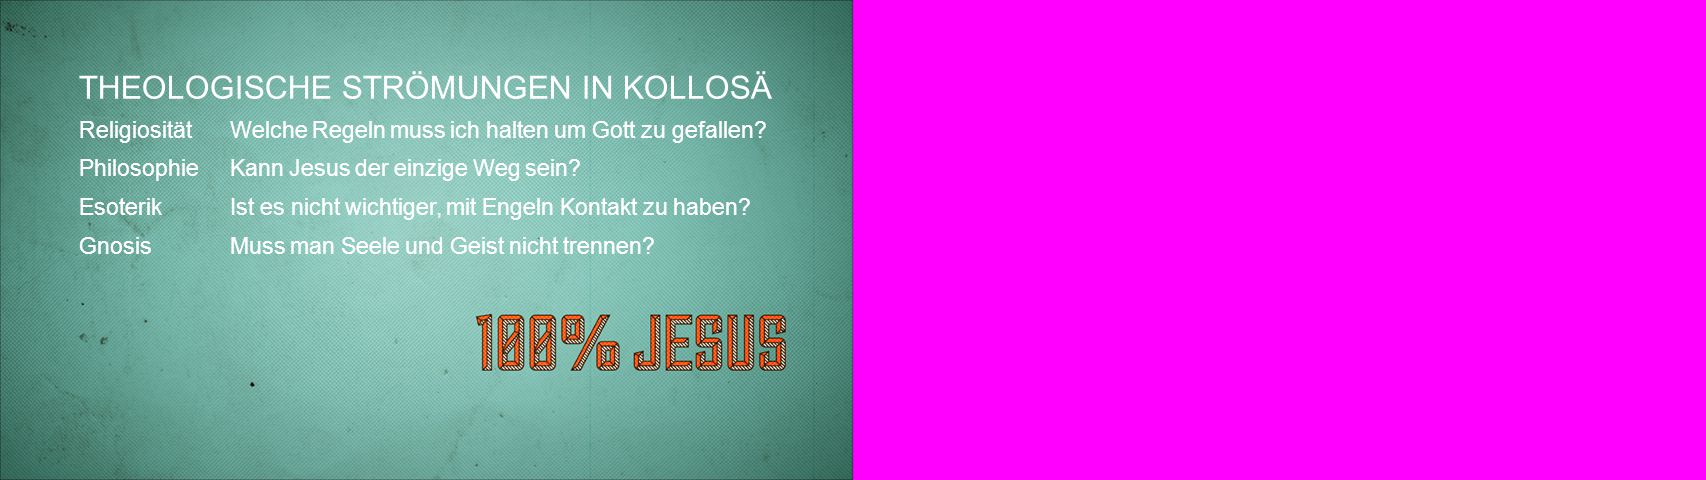 THEOLOGISCHE STRÖMUNGEN IN KOLLOSÄ ReligiositätWelche Regeln muss ich halten um Gott zu gefallen? Philosophie Kann Jesus der einzige Weg sein? Esoteri